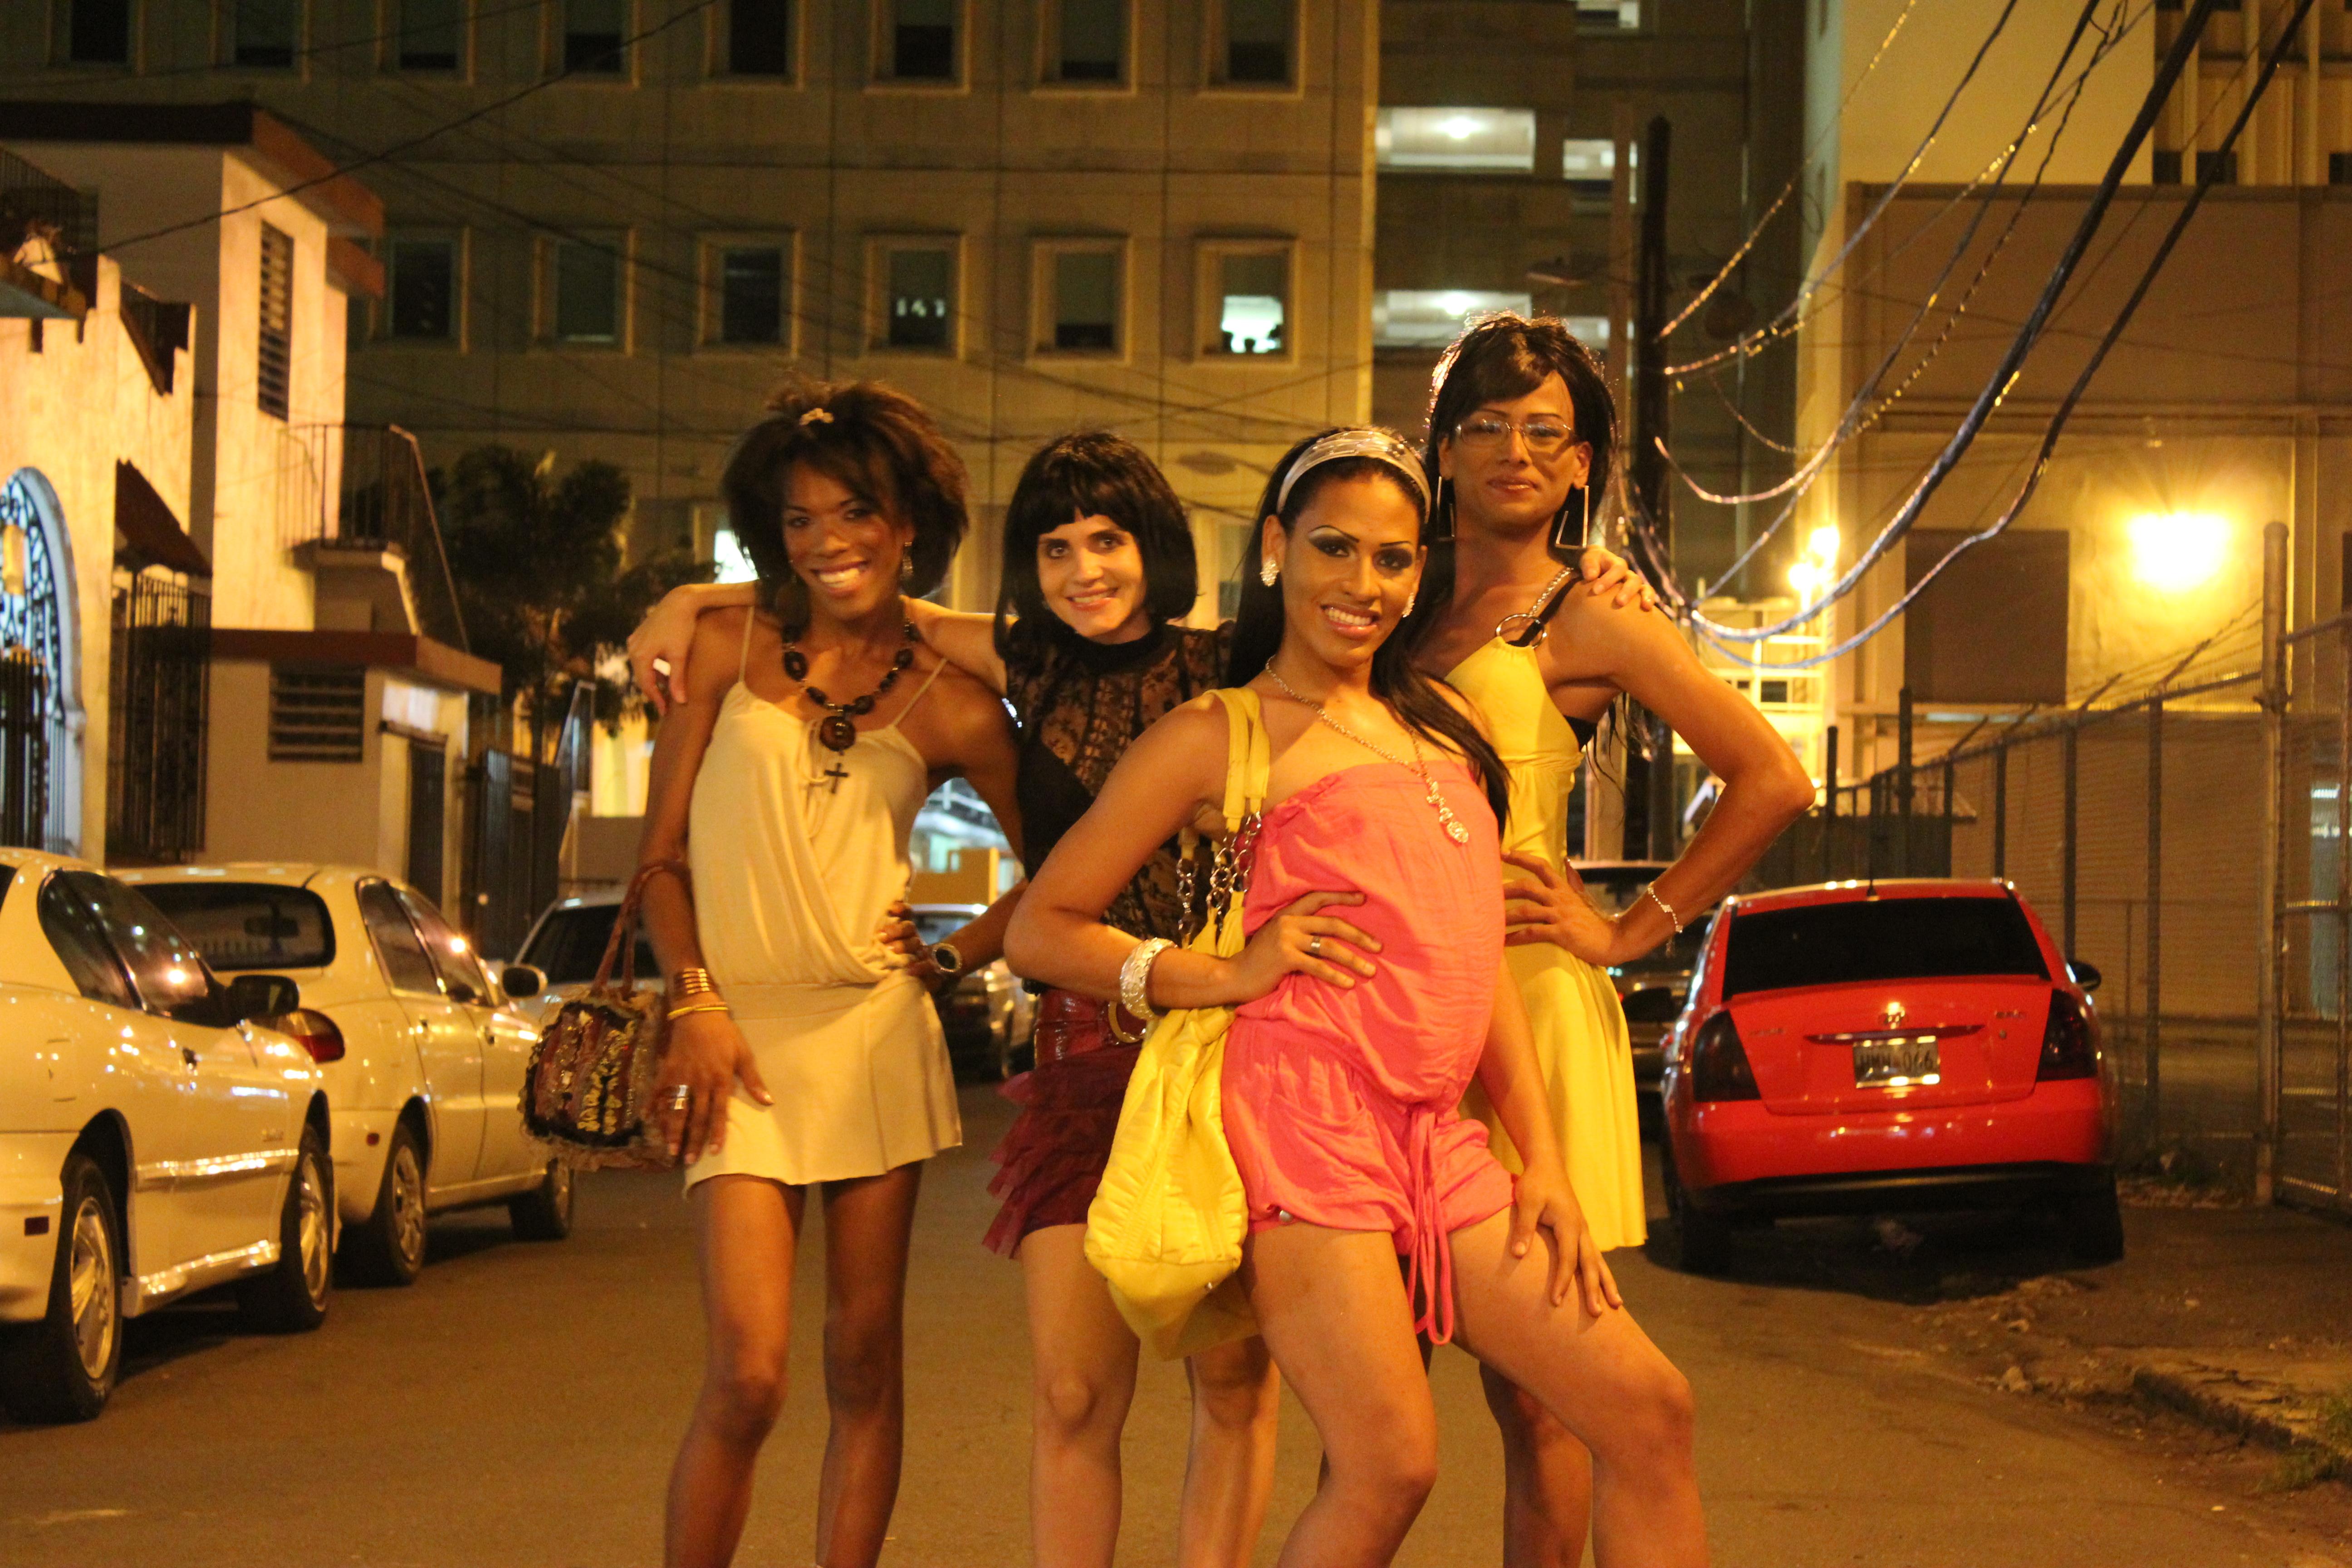 imagenes prostitutas prostitutas en sol